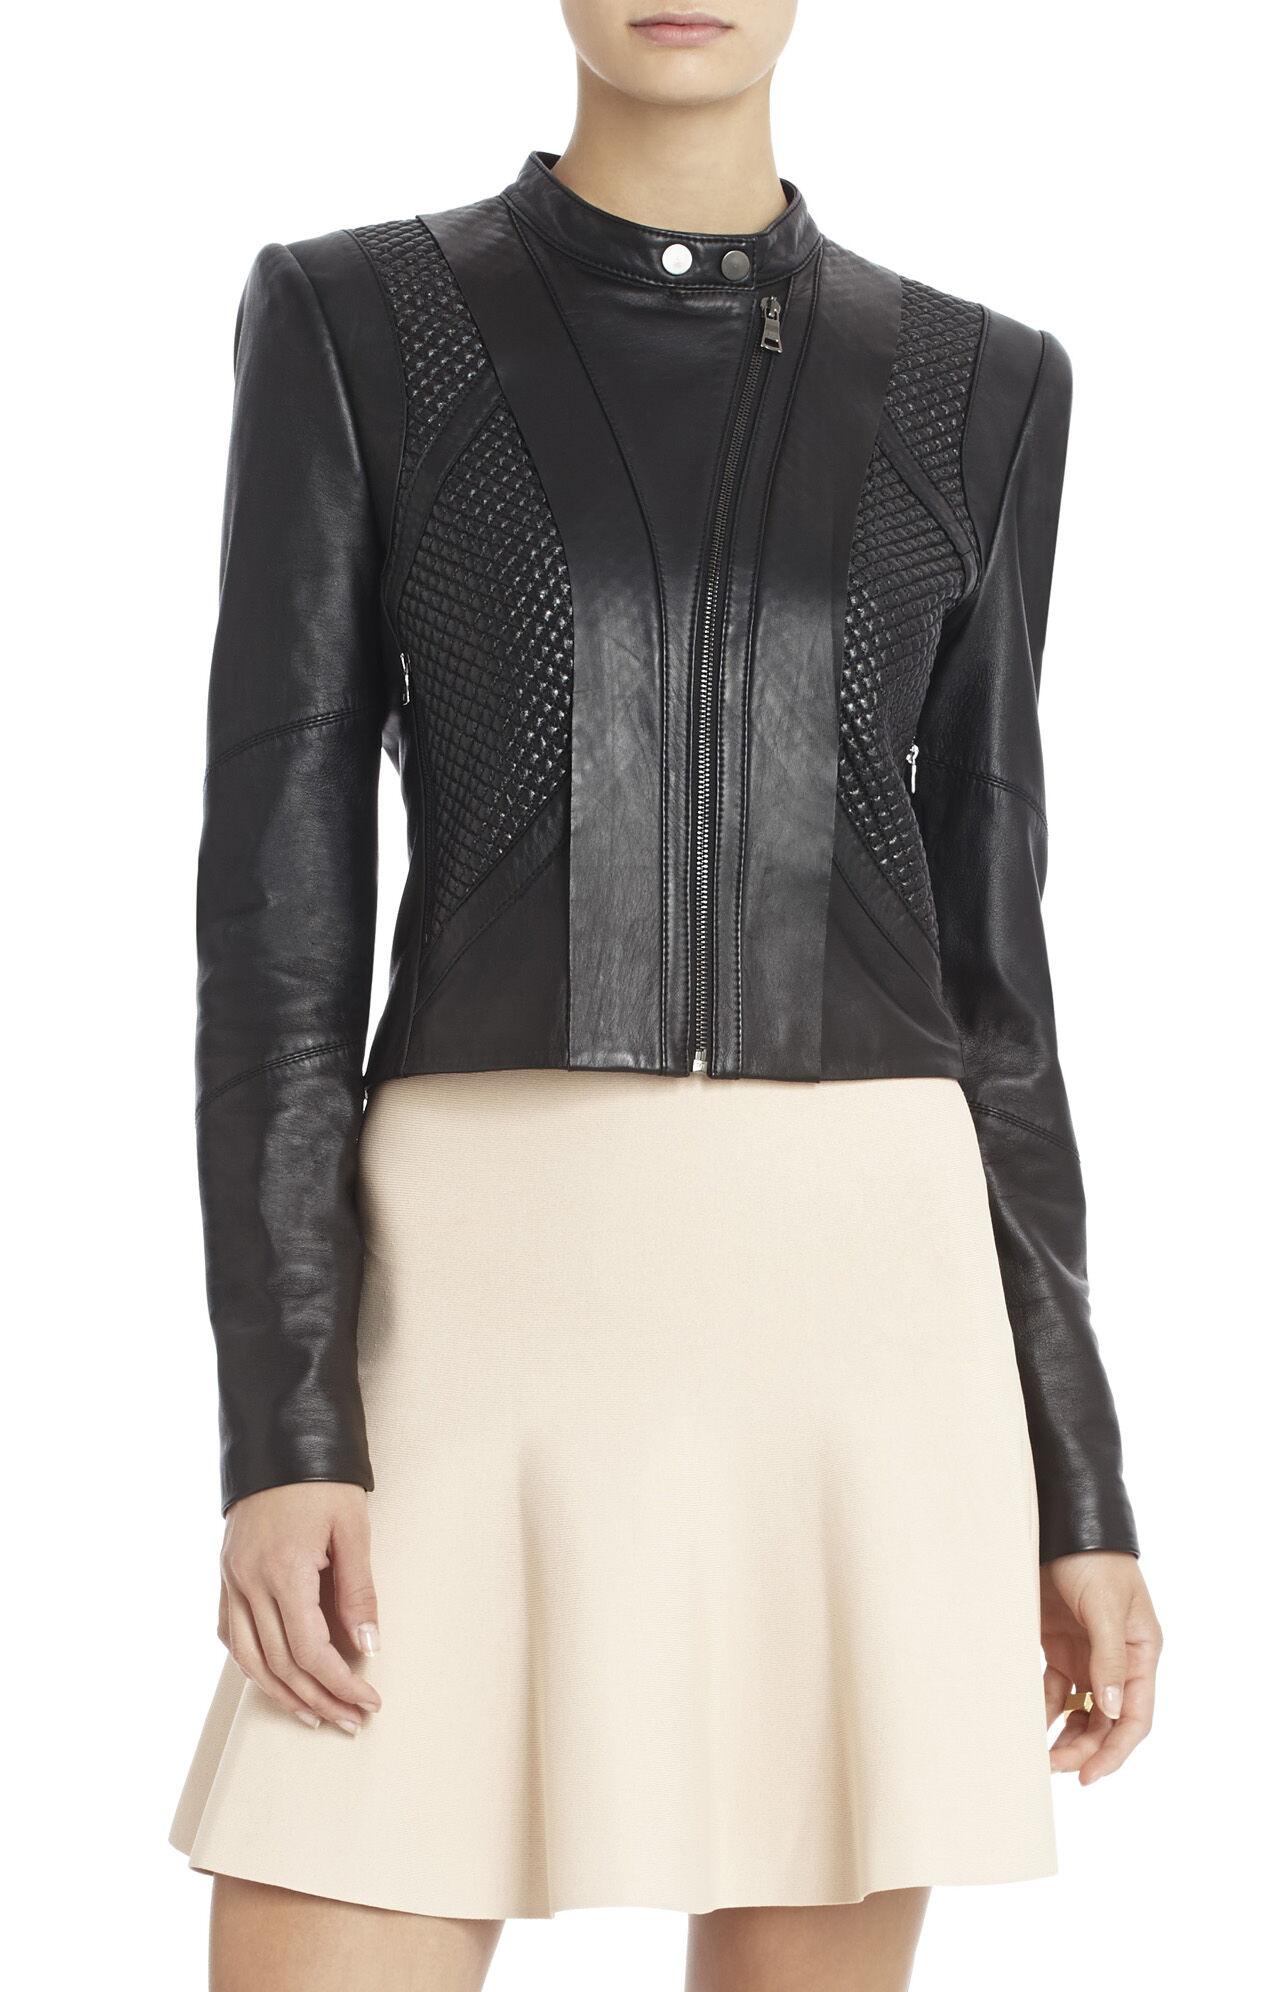 Leather jacket nordstrom rack - Bcbg Leather Jacket Nordstrom Rack